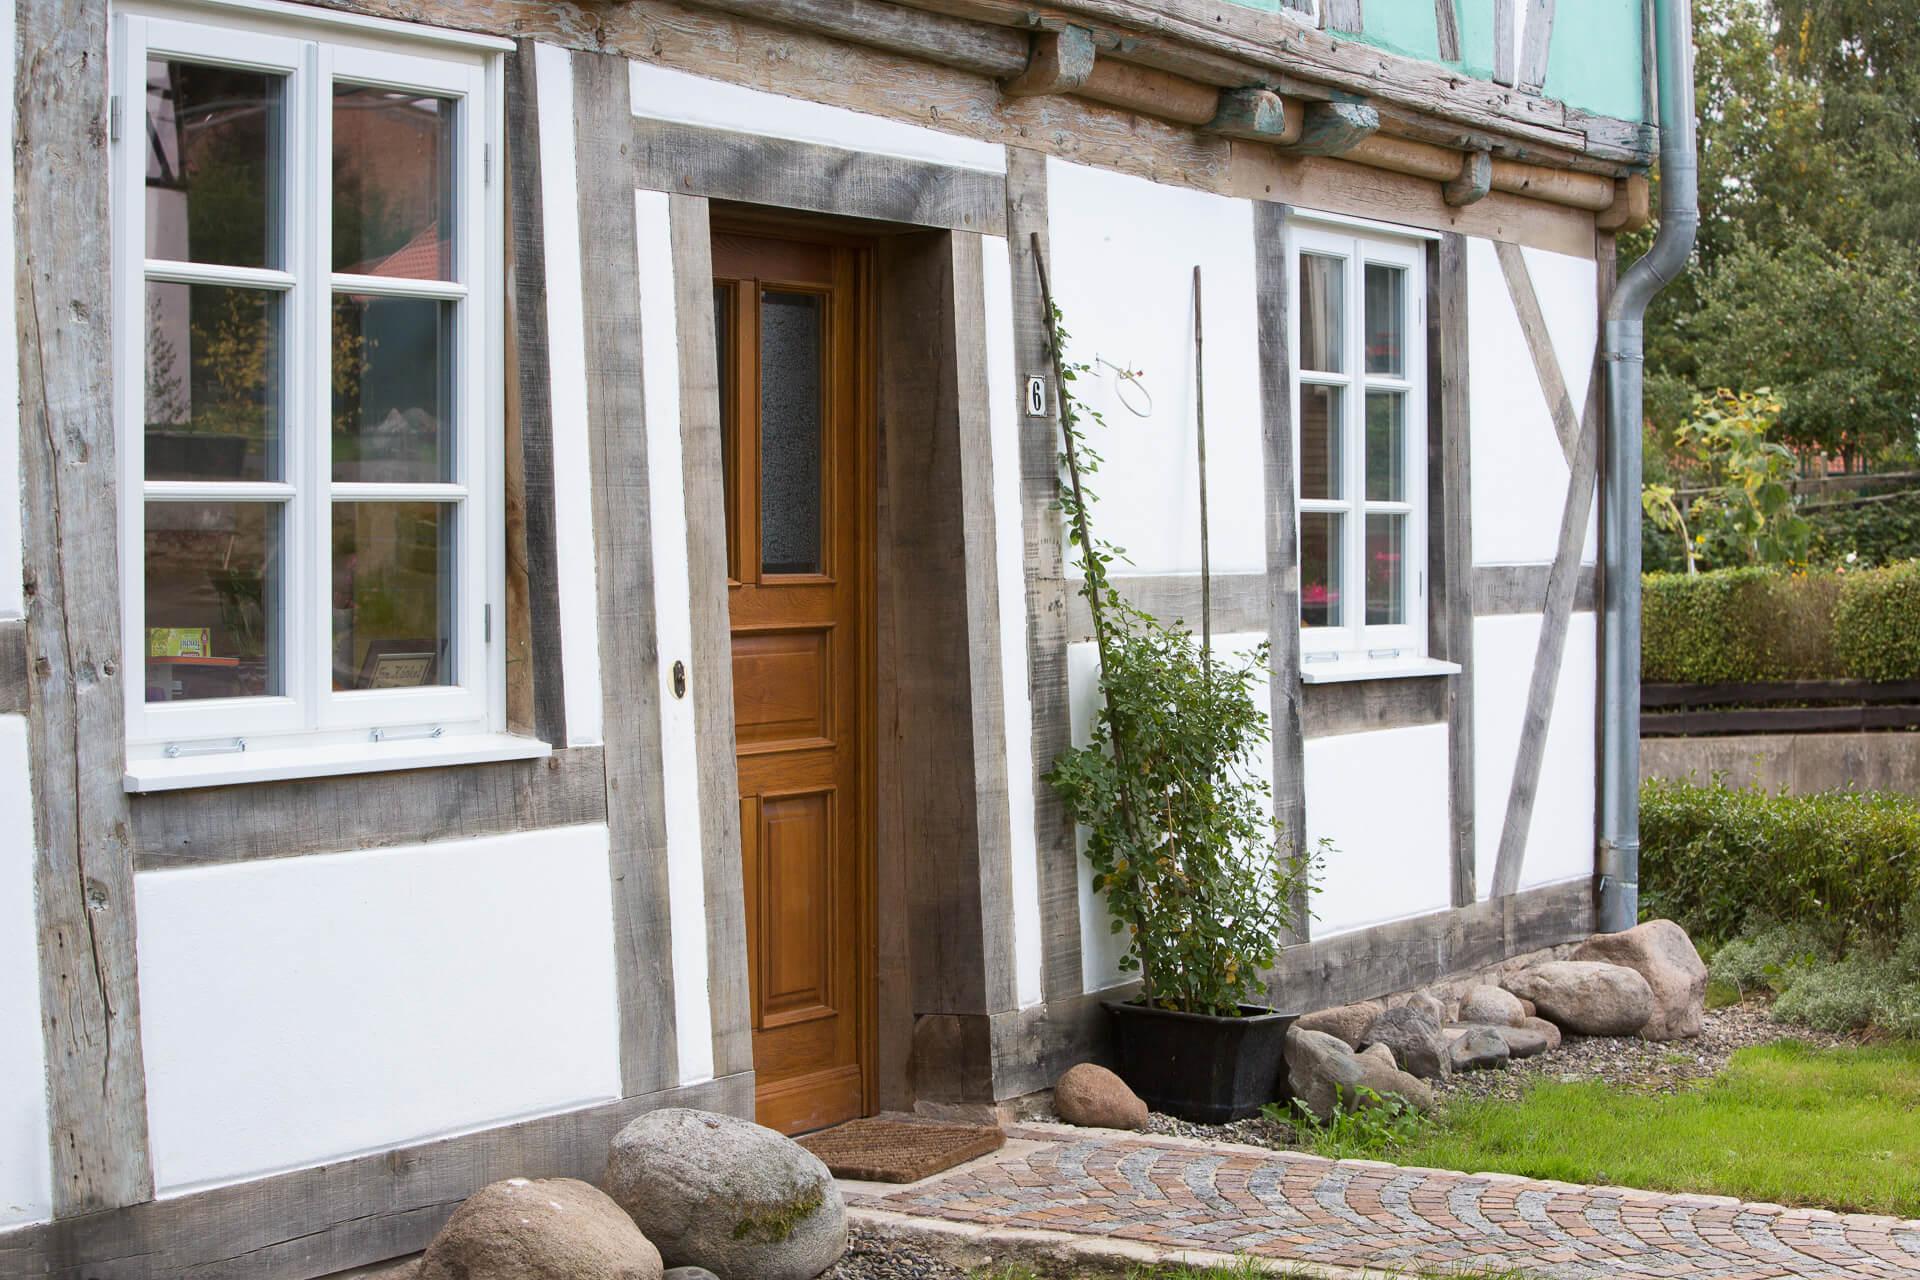 Foto Ryan Baugestaltung Fachwerkhaus Goettingen Eingangstür aus Holz und grüner Vorgarten